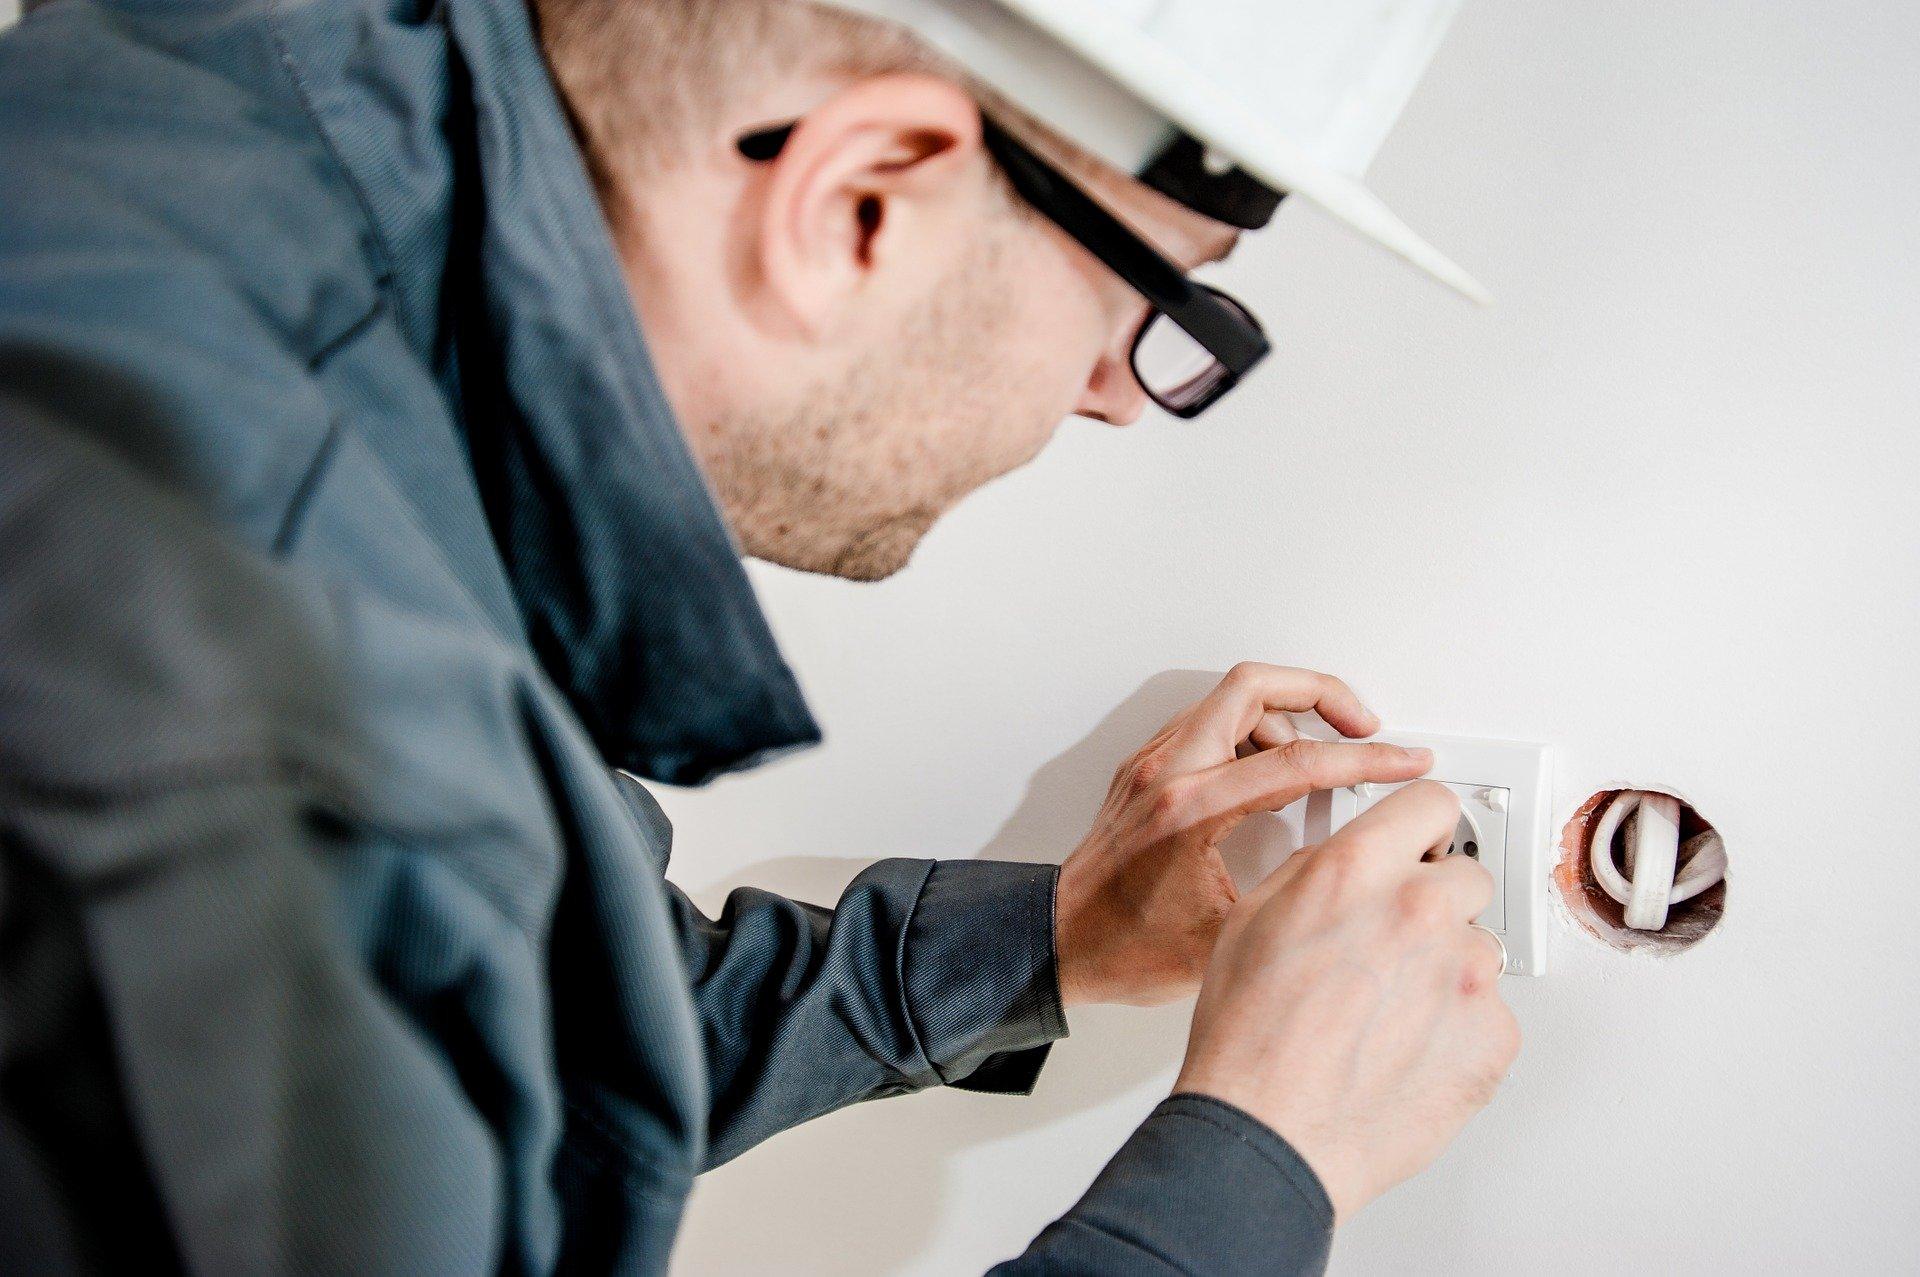 Imagem mostra um eletricista fazendo um serviço doméstico.